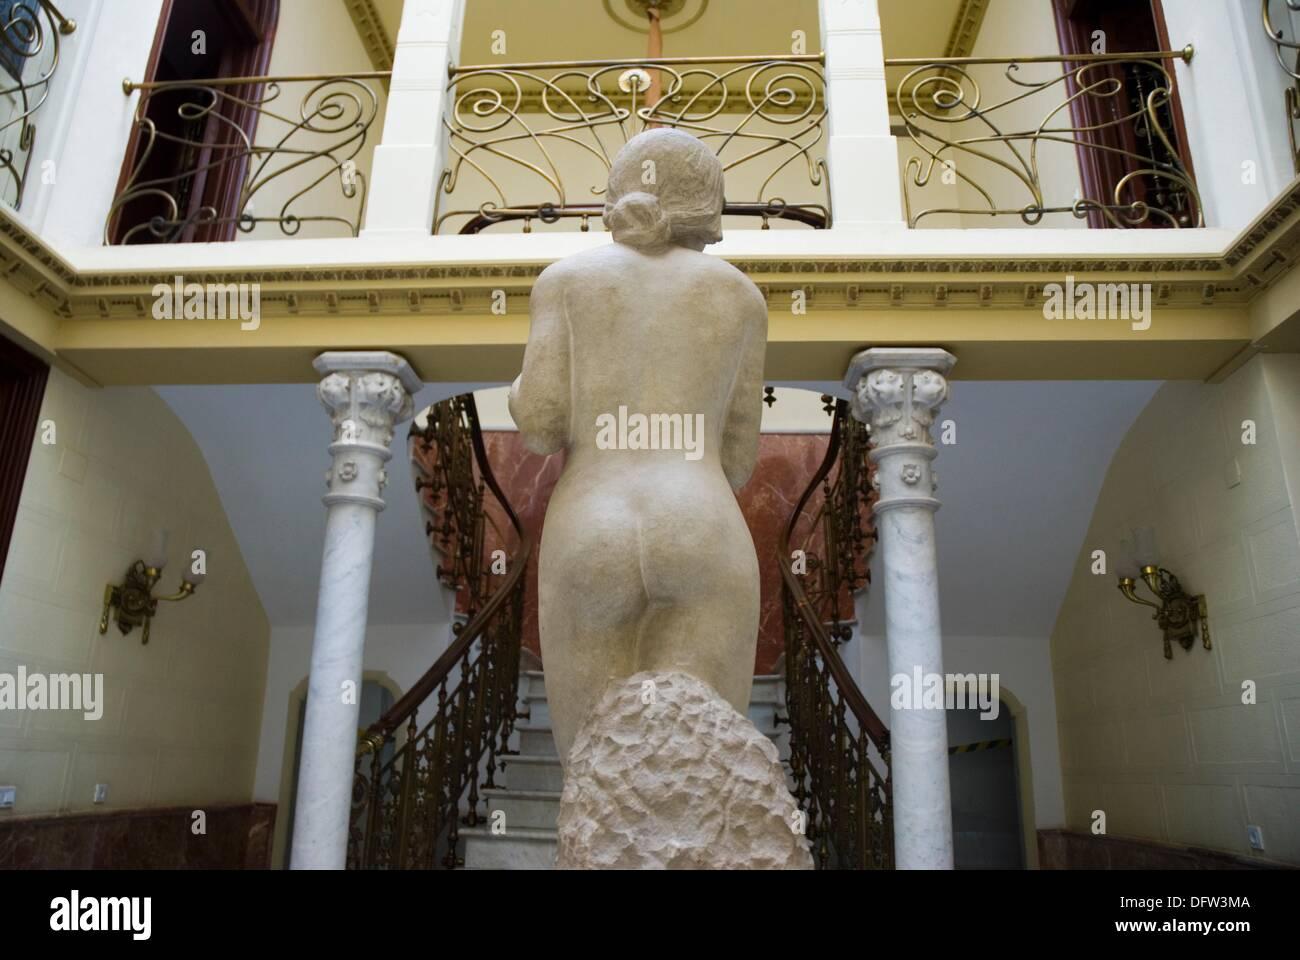 Adolescente, piedra tallada de Jose avions, en El Palacio Aguirre, sede del Museo Regional de Arte Moderno CARTAGENA Muram Photo Stock